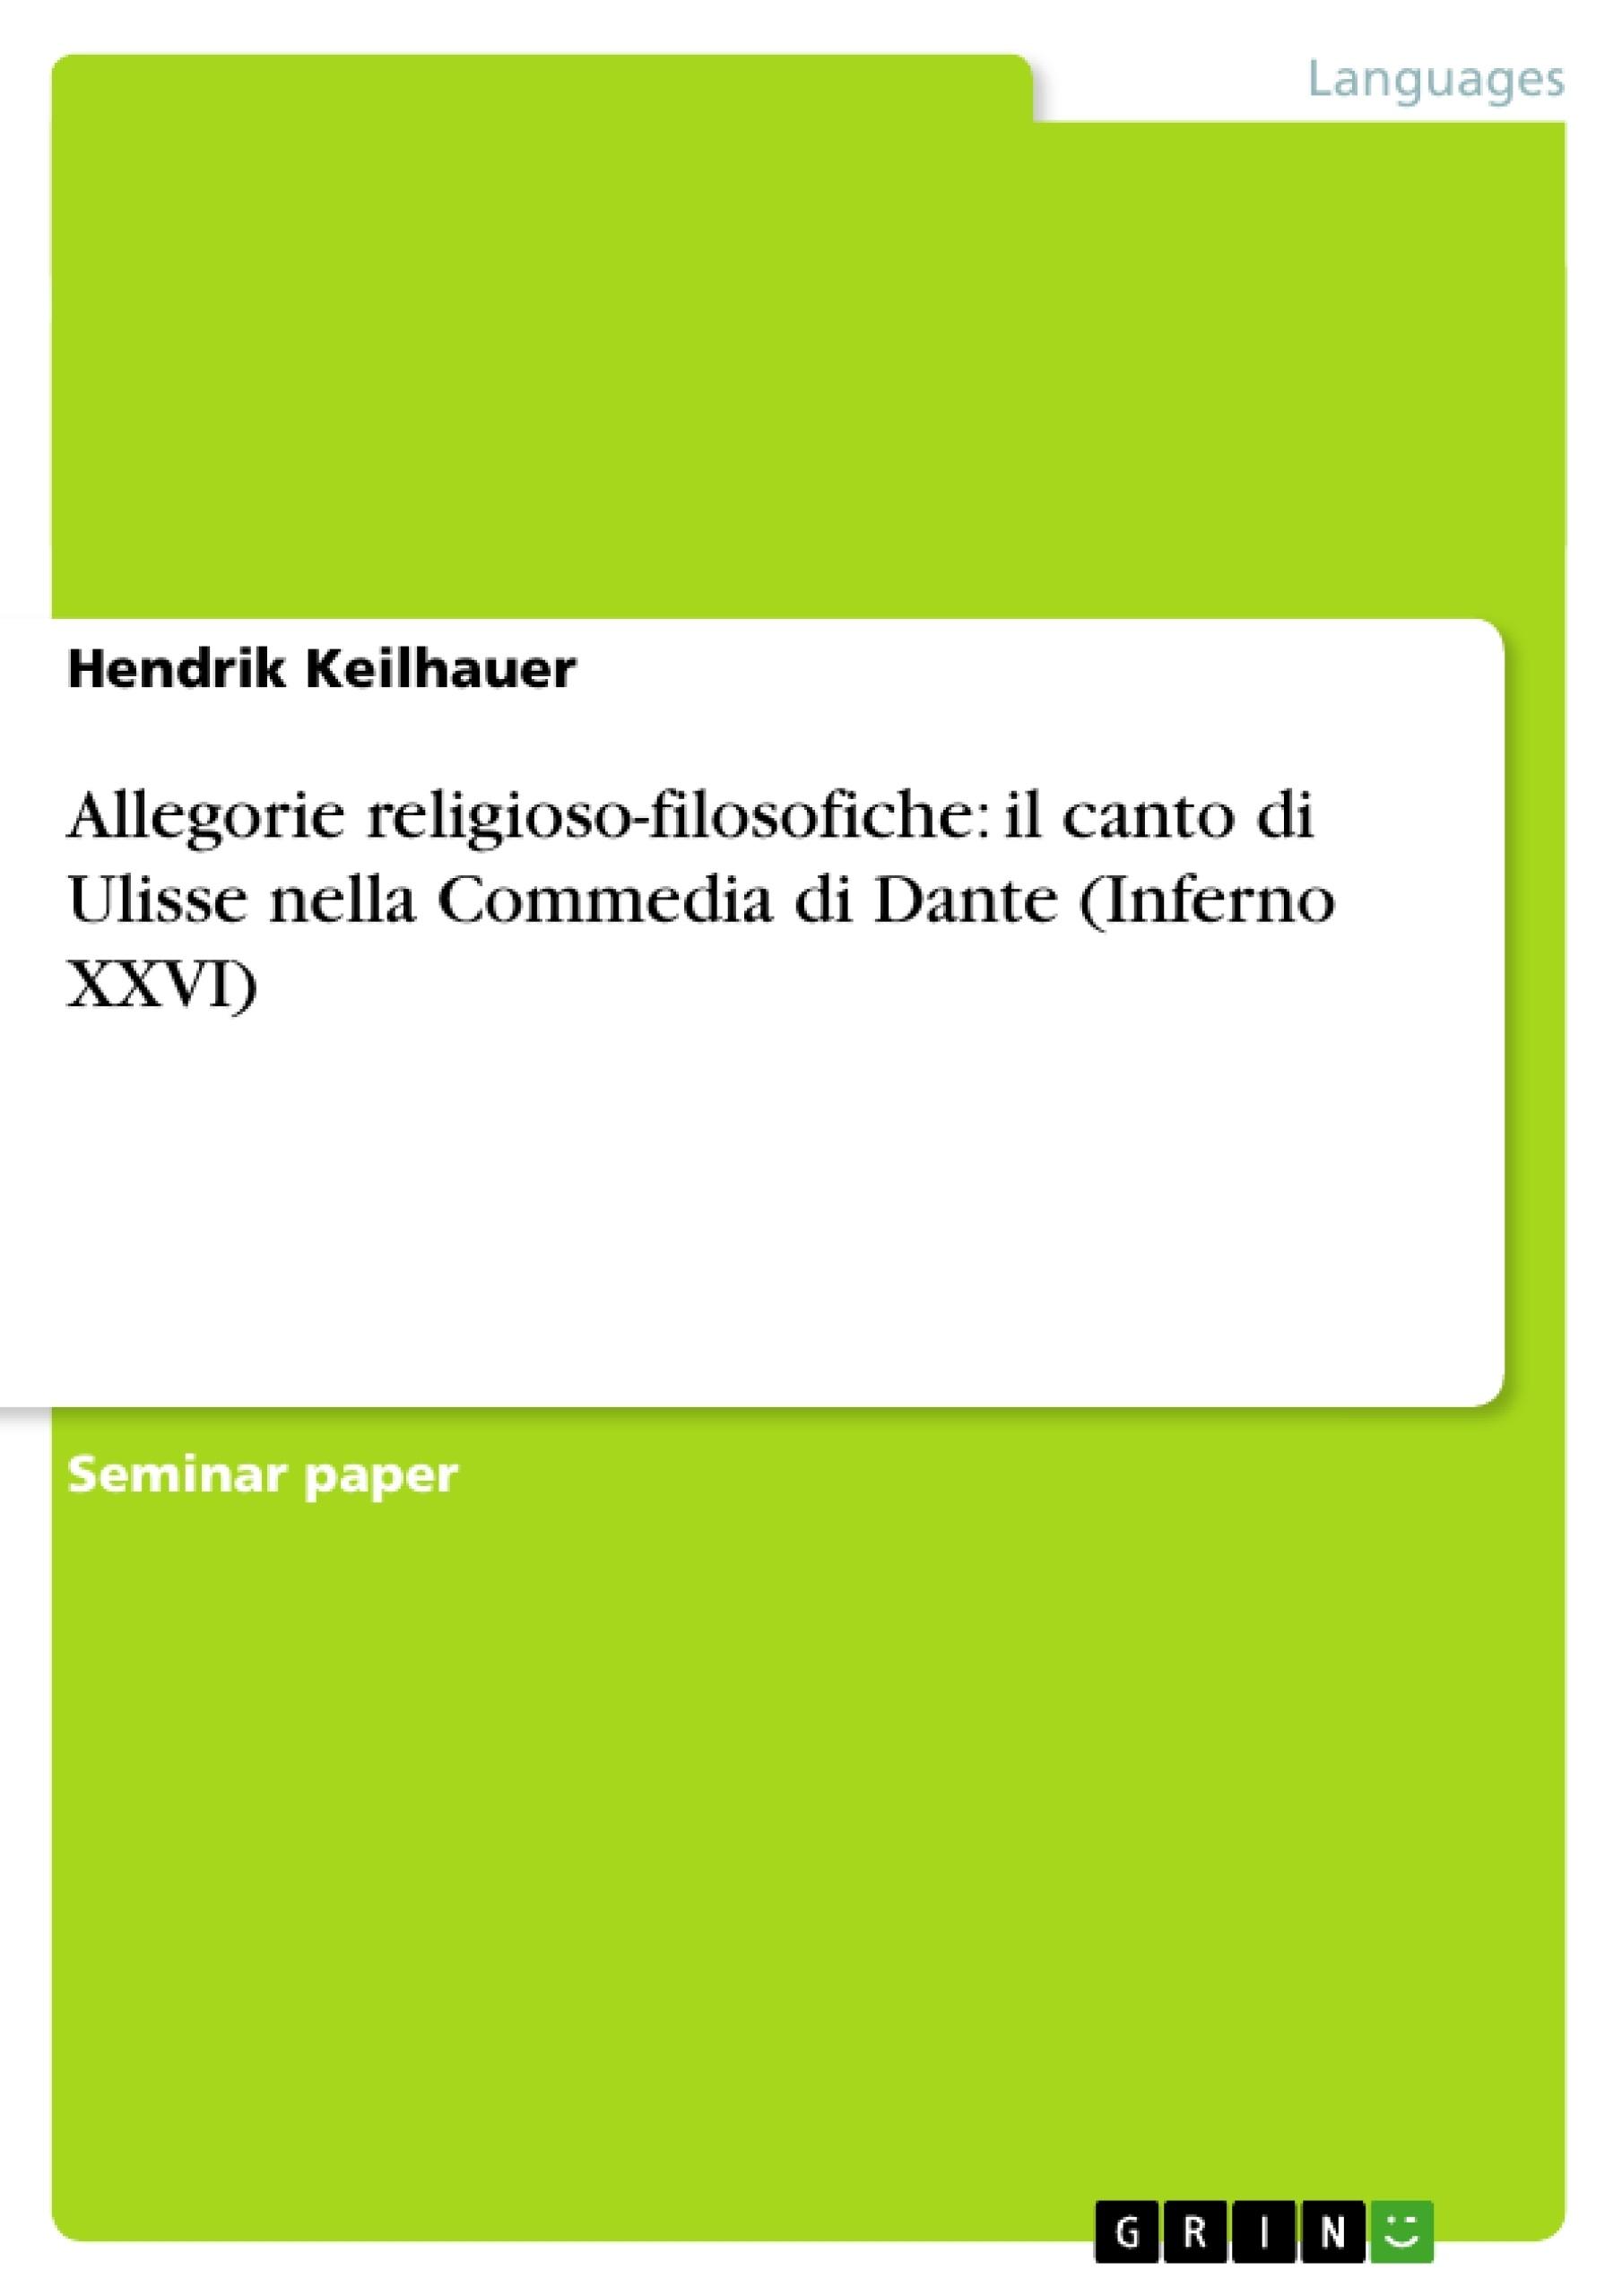 Title: Allegorie religioso-filosofiche: il canto di Ulisse nella Commedia di Dante (Inferno XXVI)